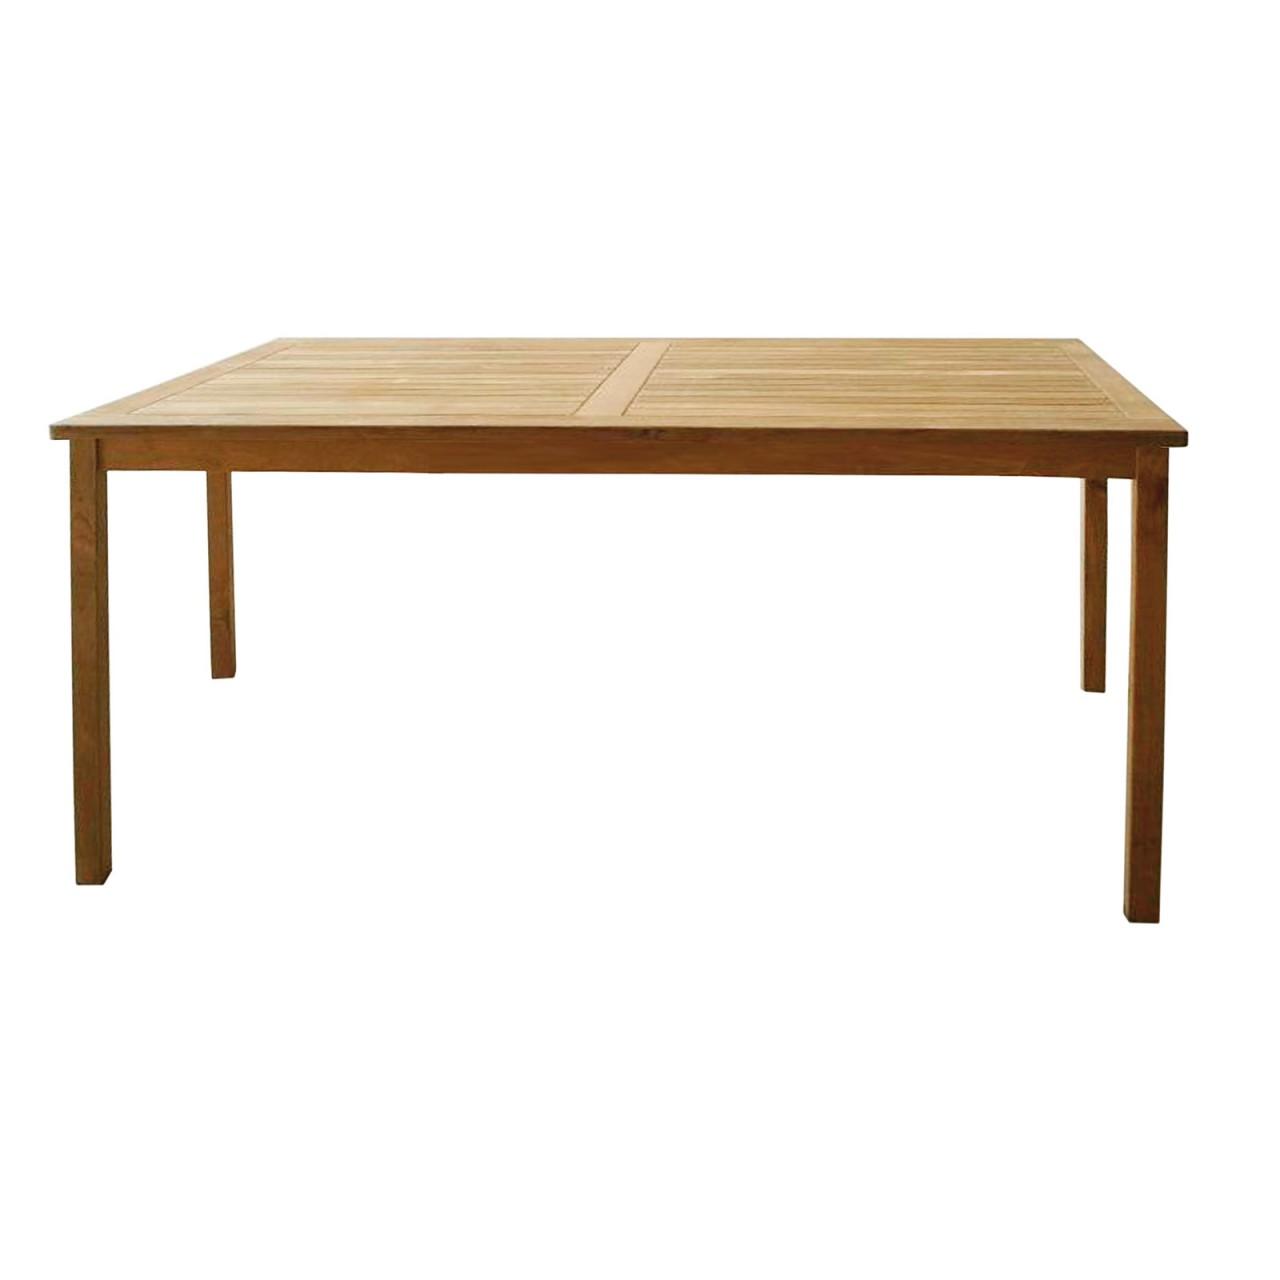 LEX jardin table de bois de teck, rectangulaire, 70 x 110 x 75 cm